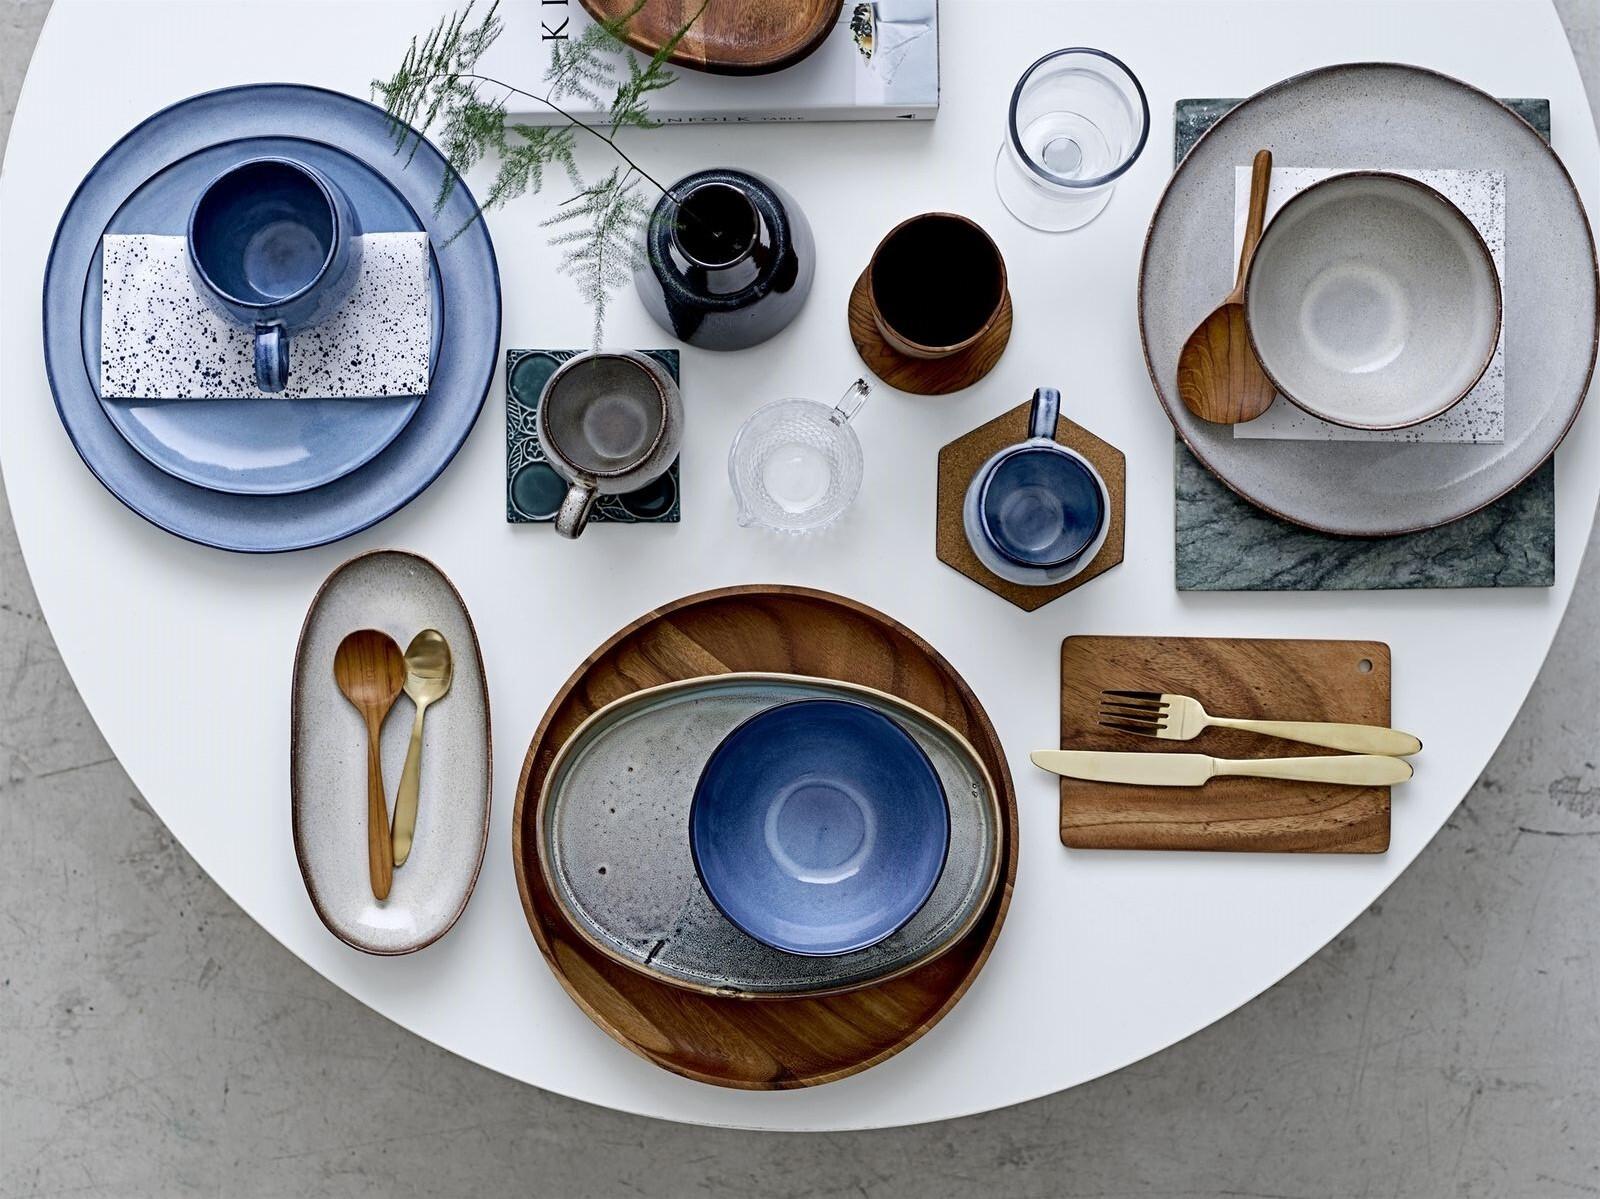 Prostřený stůl s různými druhy nádobí a příborů